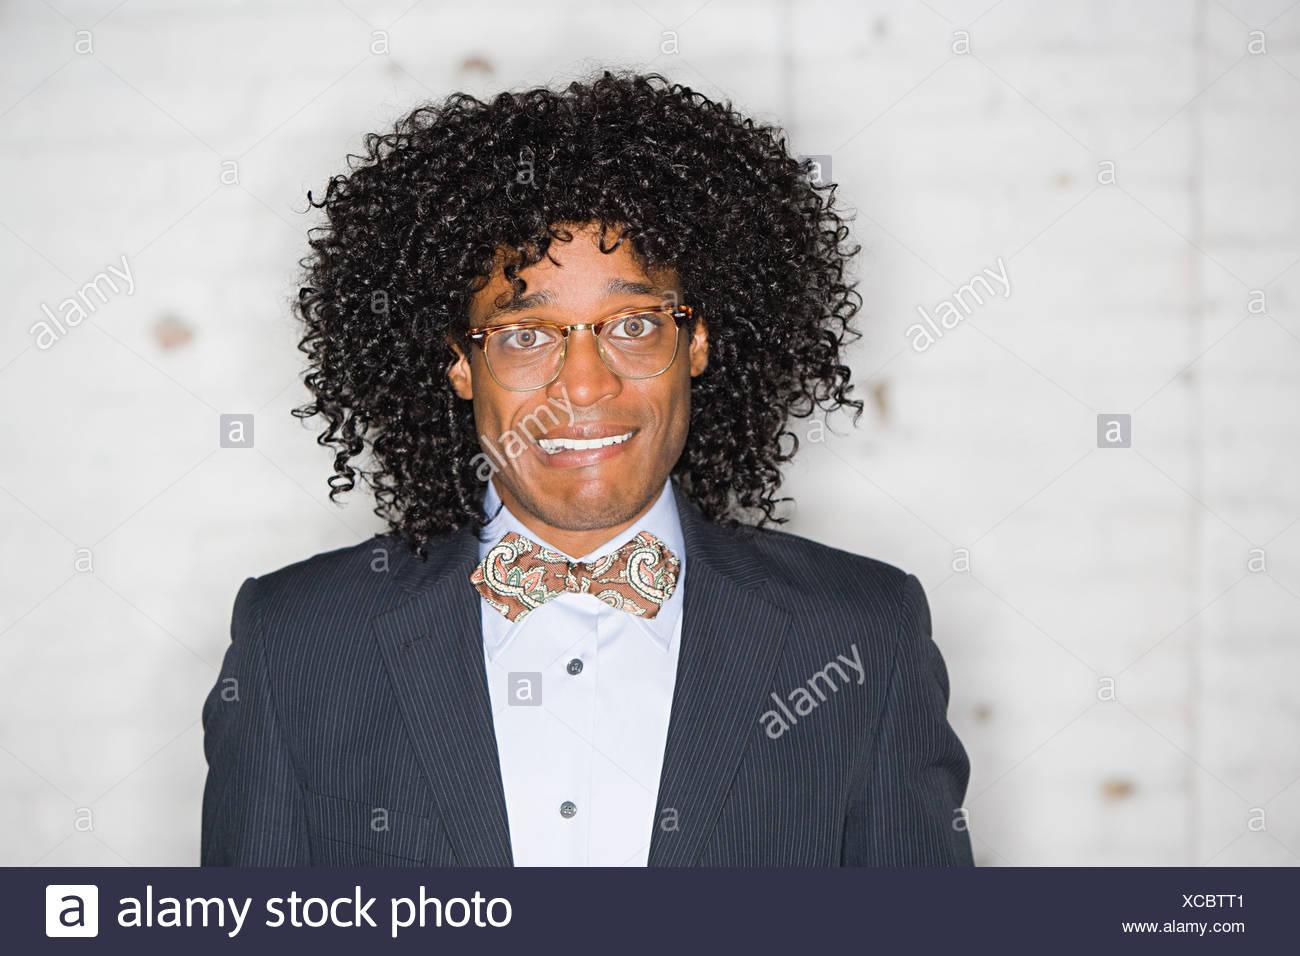 Retrato de un geek haciendo caras Imagen De Stock